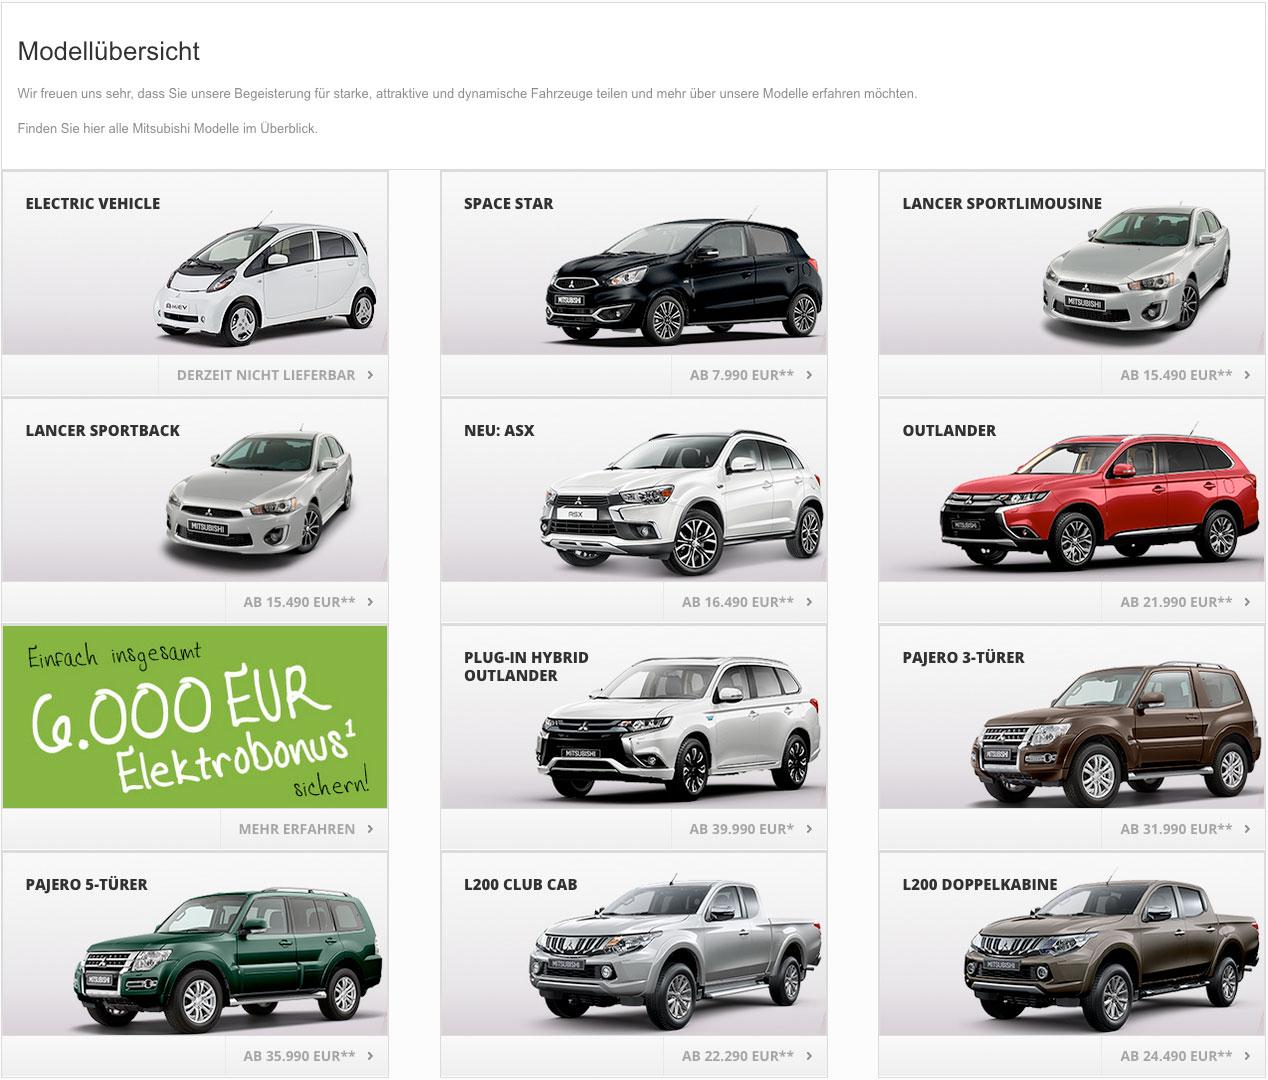 Mitsubishi Motors Modellübersicht